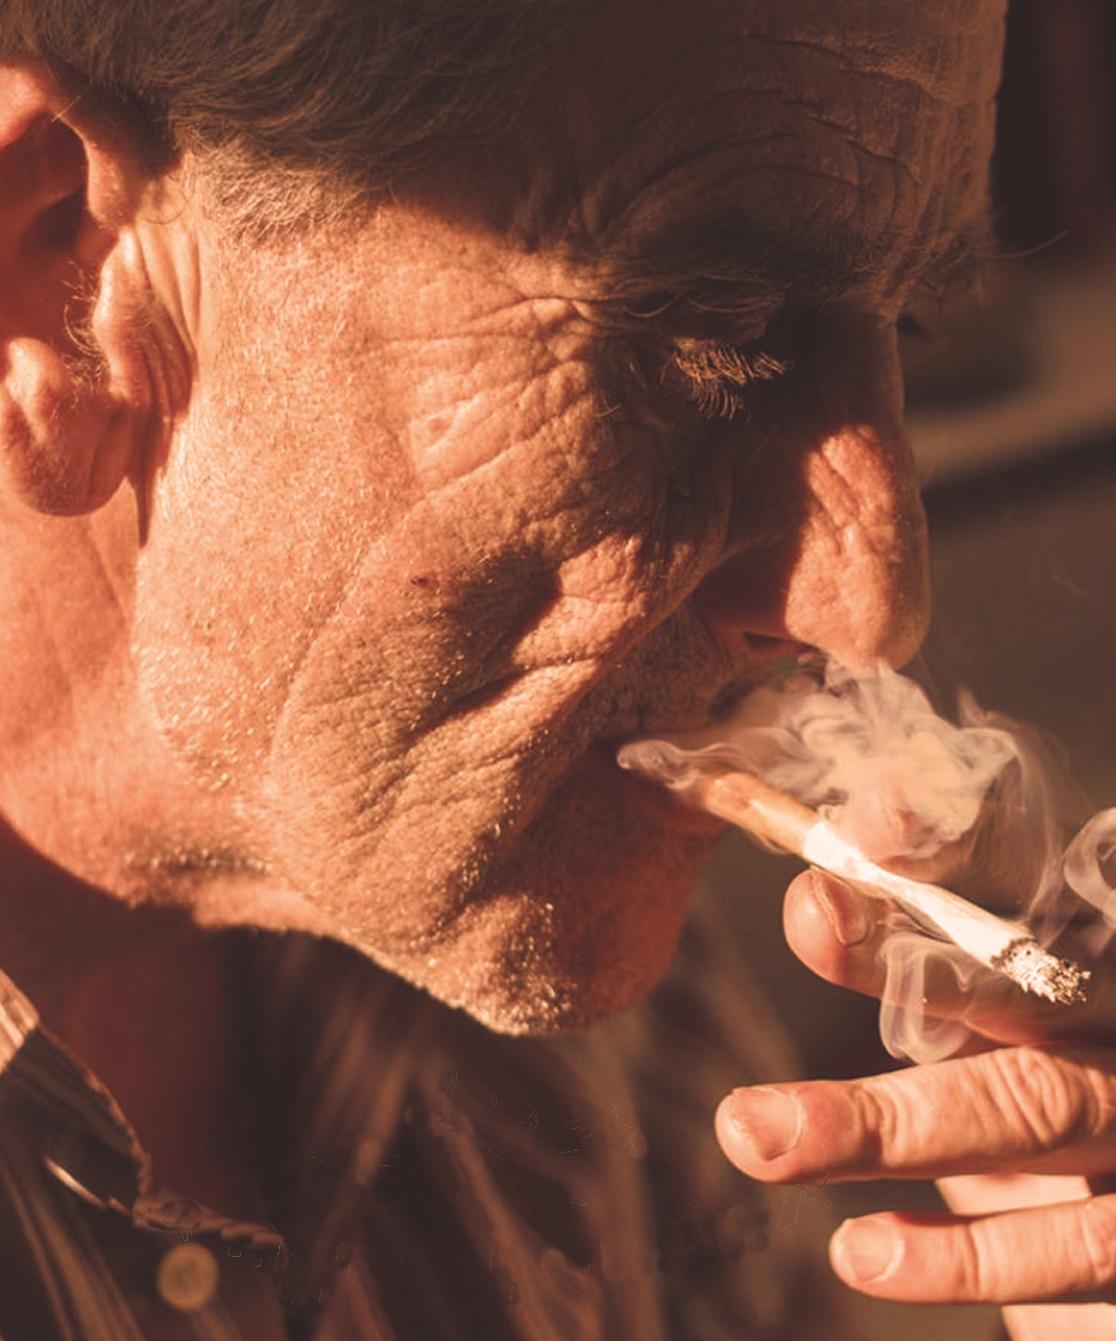 El poeta Leopoldo María Panero Blanc, fotografiado por la artista Ouka Leele | Leopoldo María Panero publica 'La mentira es una flor' en 'Huerga y Fierro'